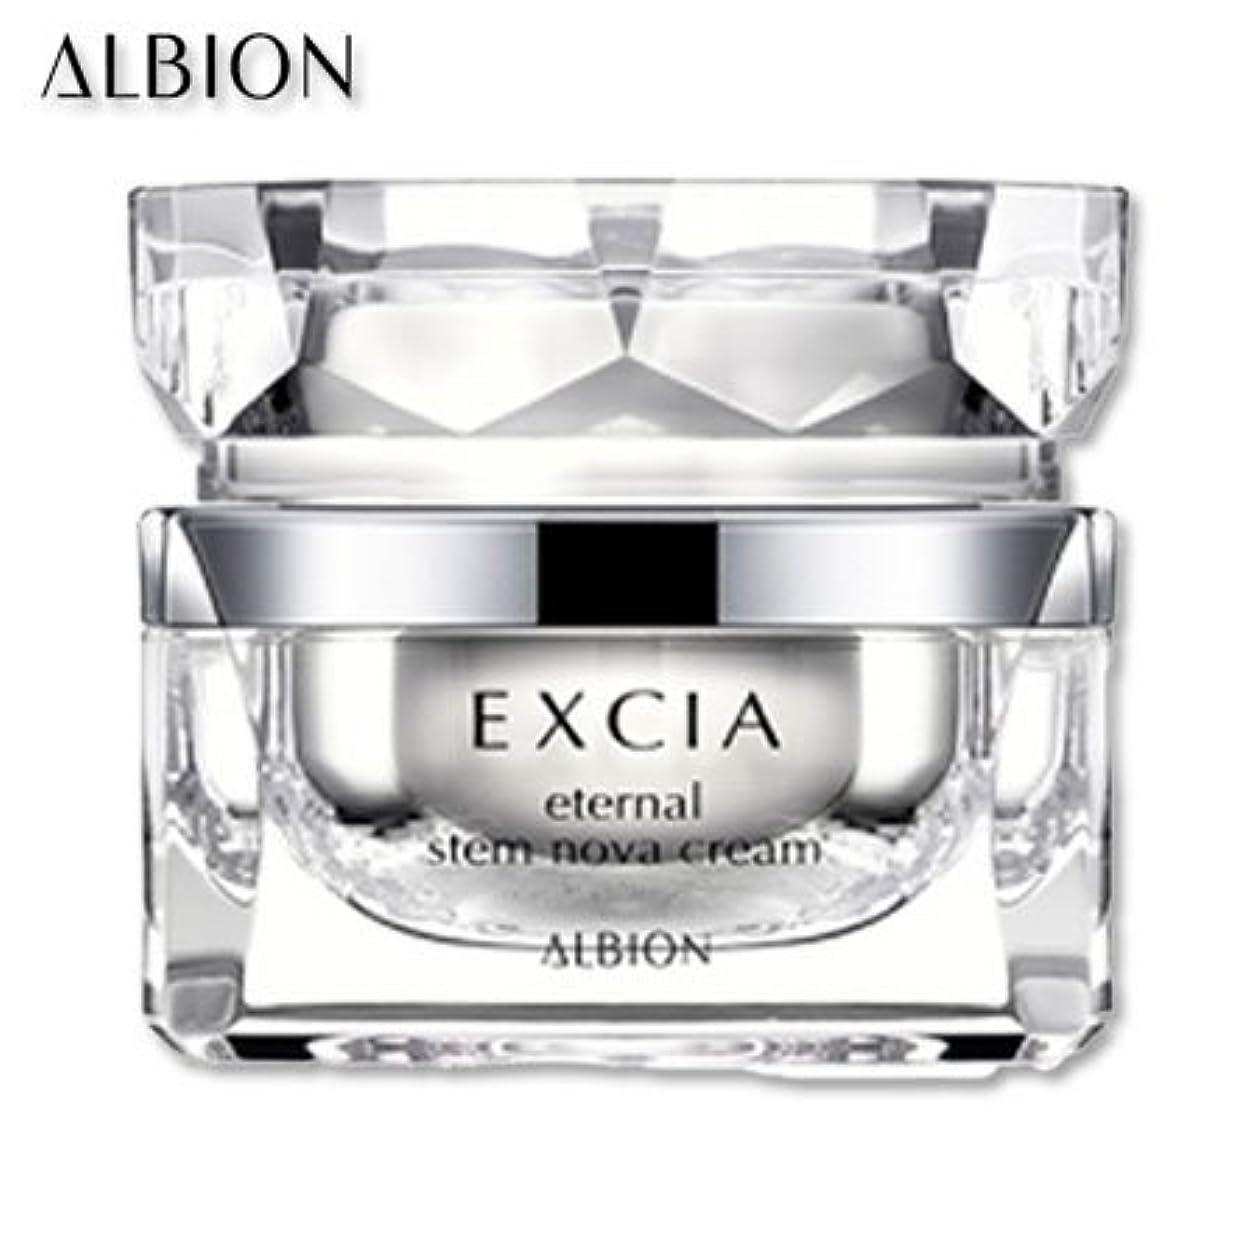 着替えるより多いスラムアルビオン エクシア AL エターナル ステム ノーヴァ クリーム 30g-ALBION-